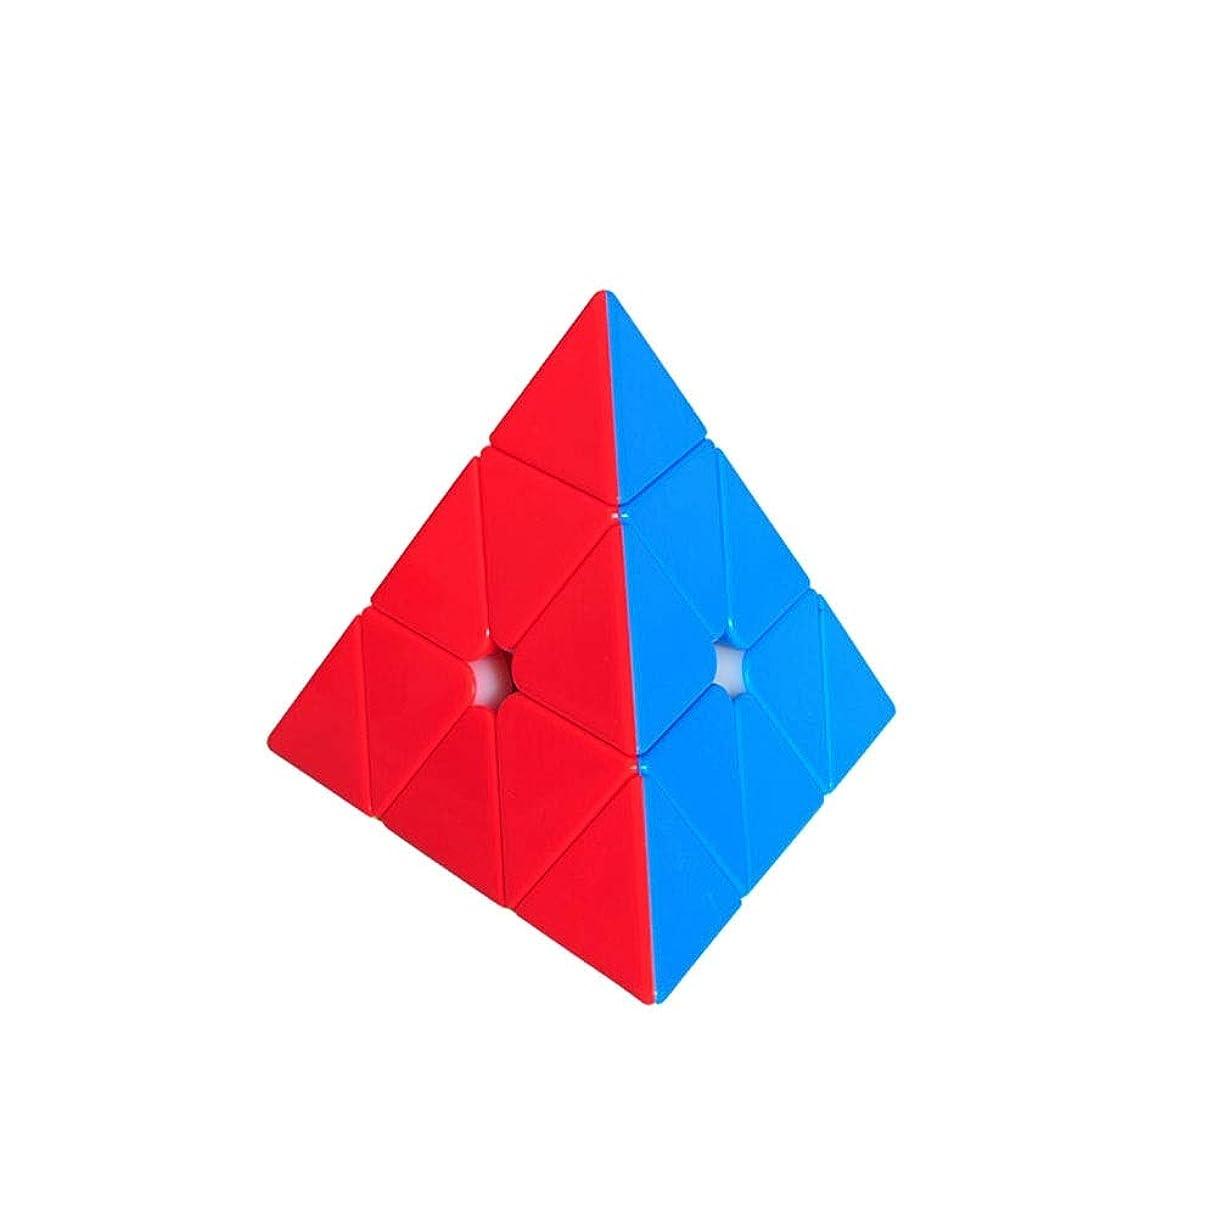 幾分純度バンケットJinnuotong ルービックキューブ、三角スタイルのデザイン、滑らかで快適な雰囲気のデザインスタイル、安全で環境に優しい材料を使用、ギフトとして使用可能 エレガントで快適 (Edition : Triangle, Style : Style2)